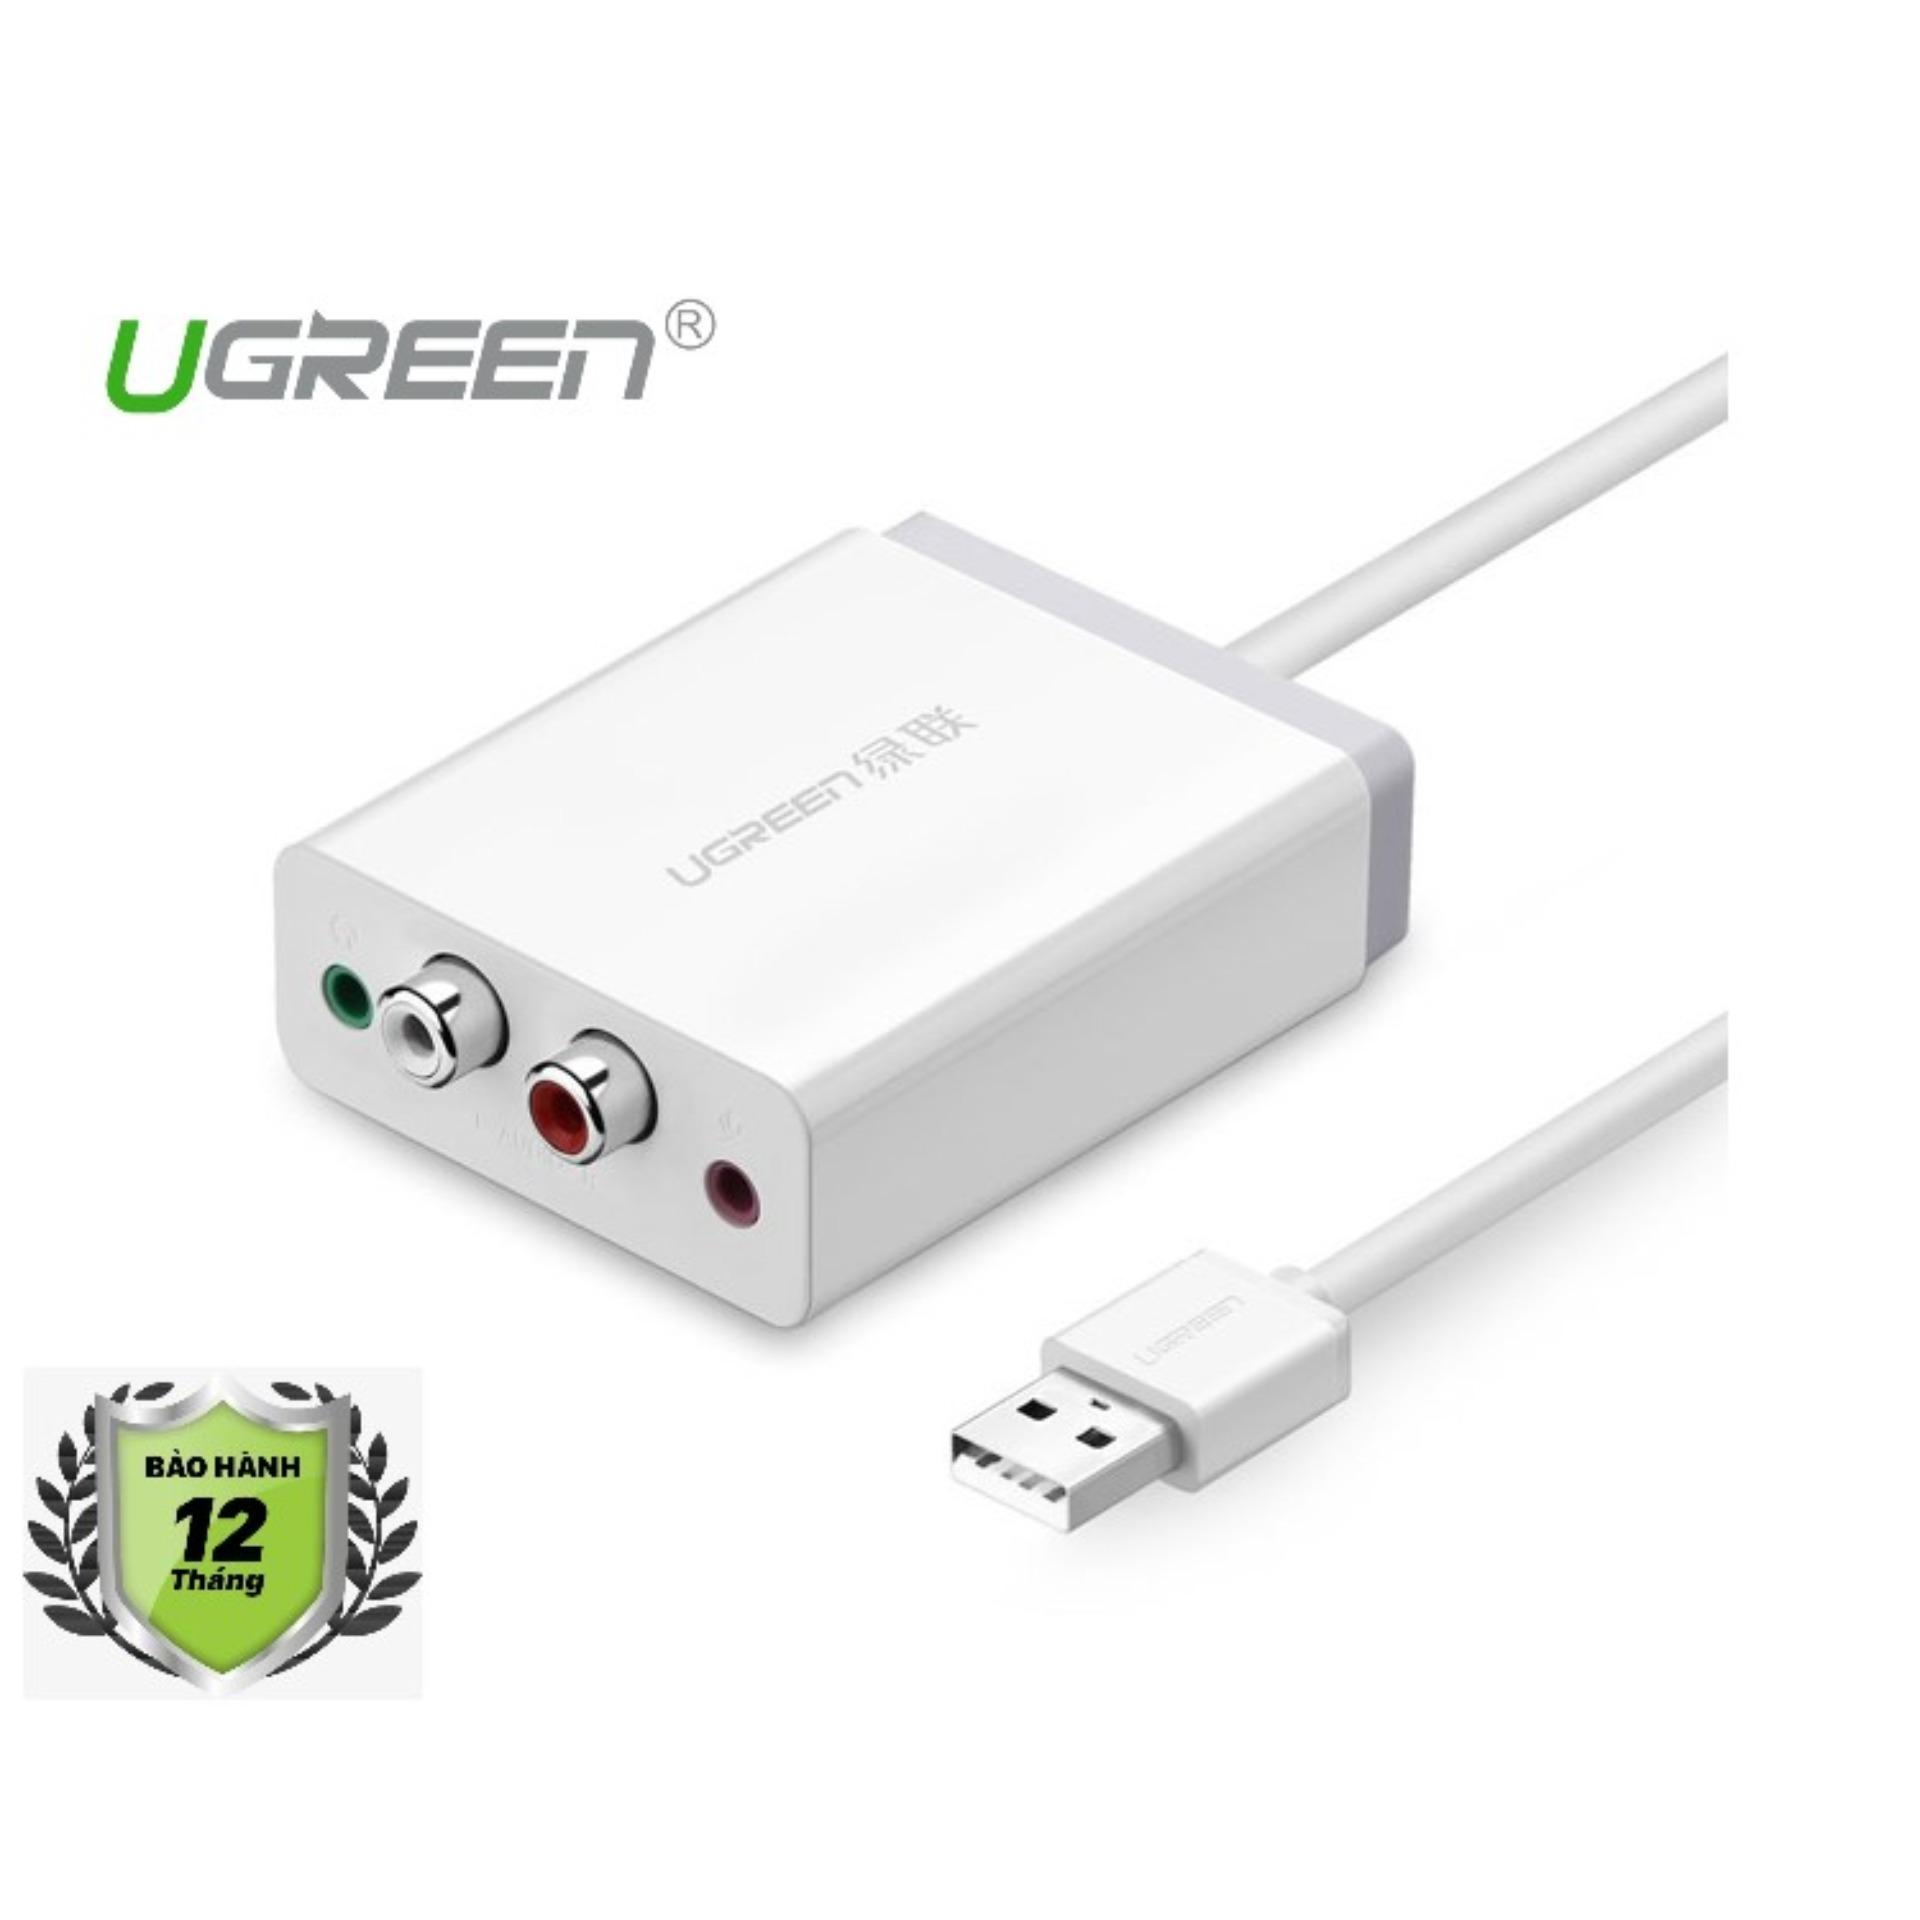 Hình ảnh Cáp chuyển USB 2.0 sang AV 3.5mm Ugreen 30521 (Trắng)